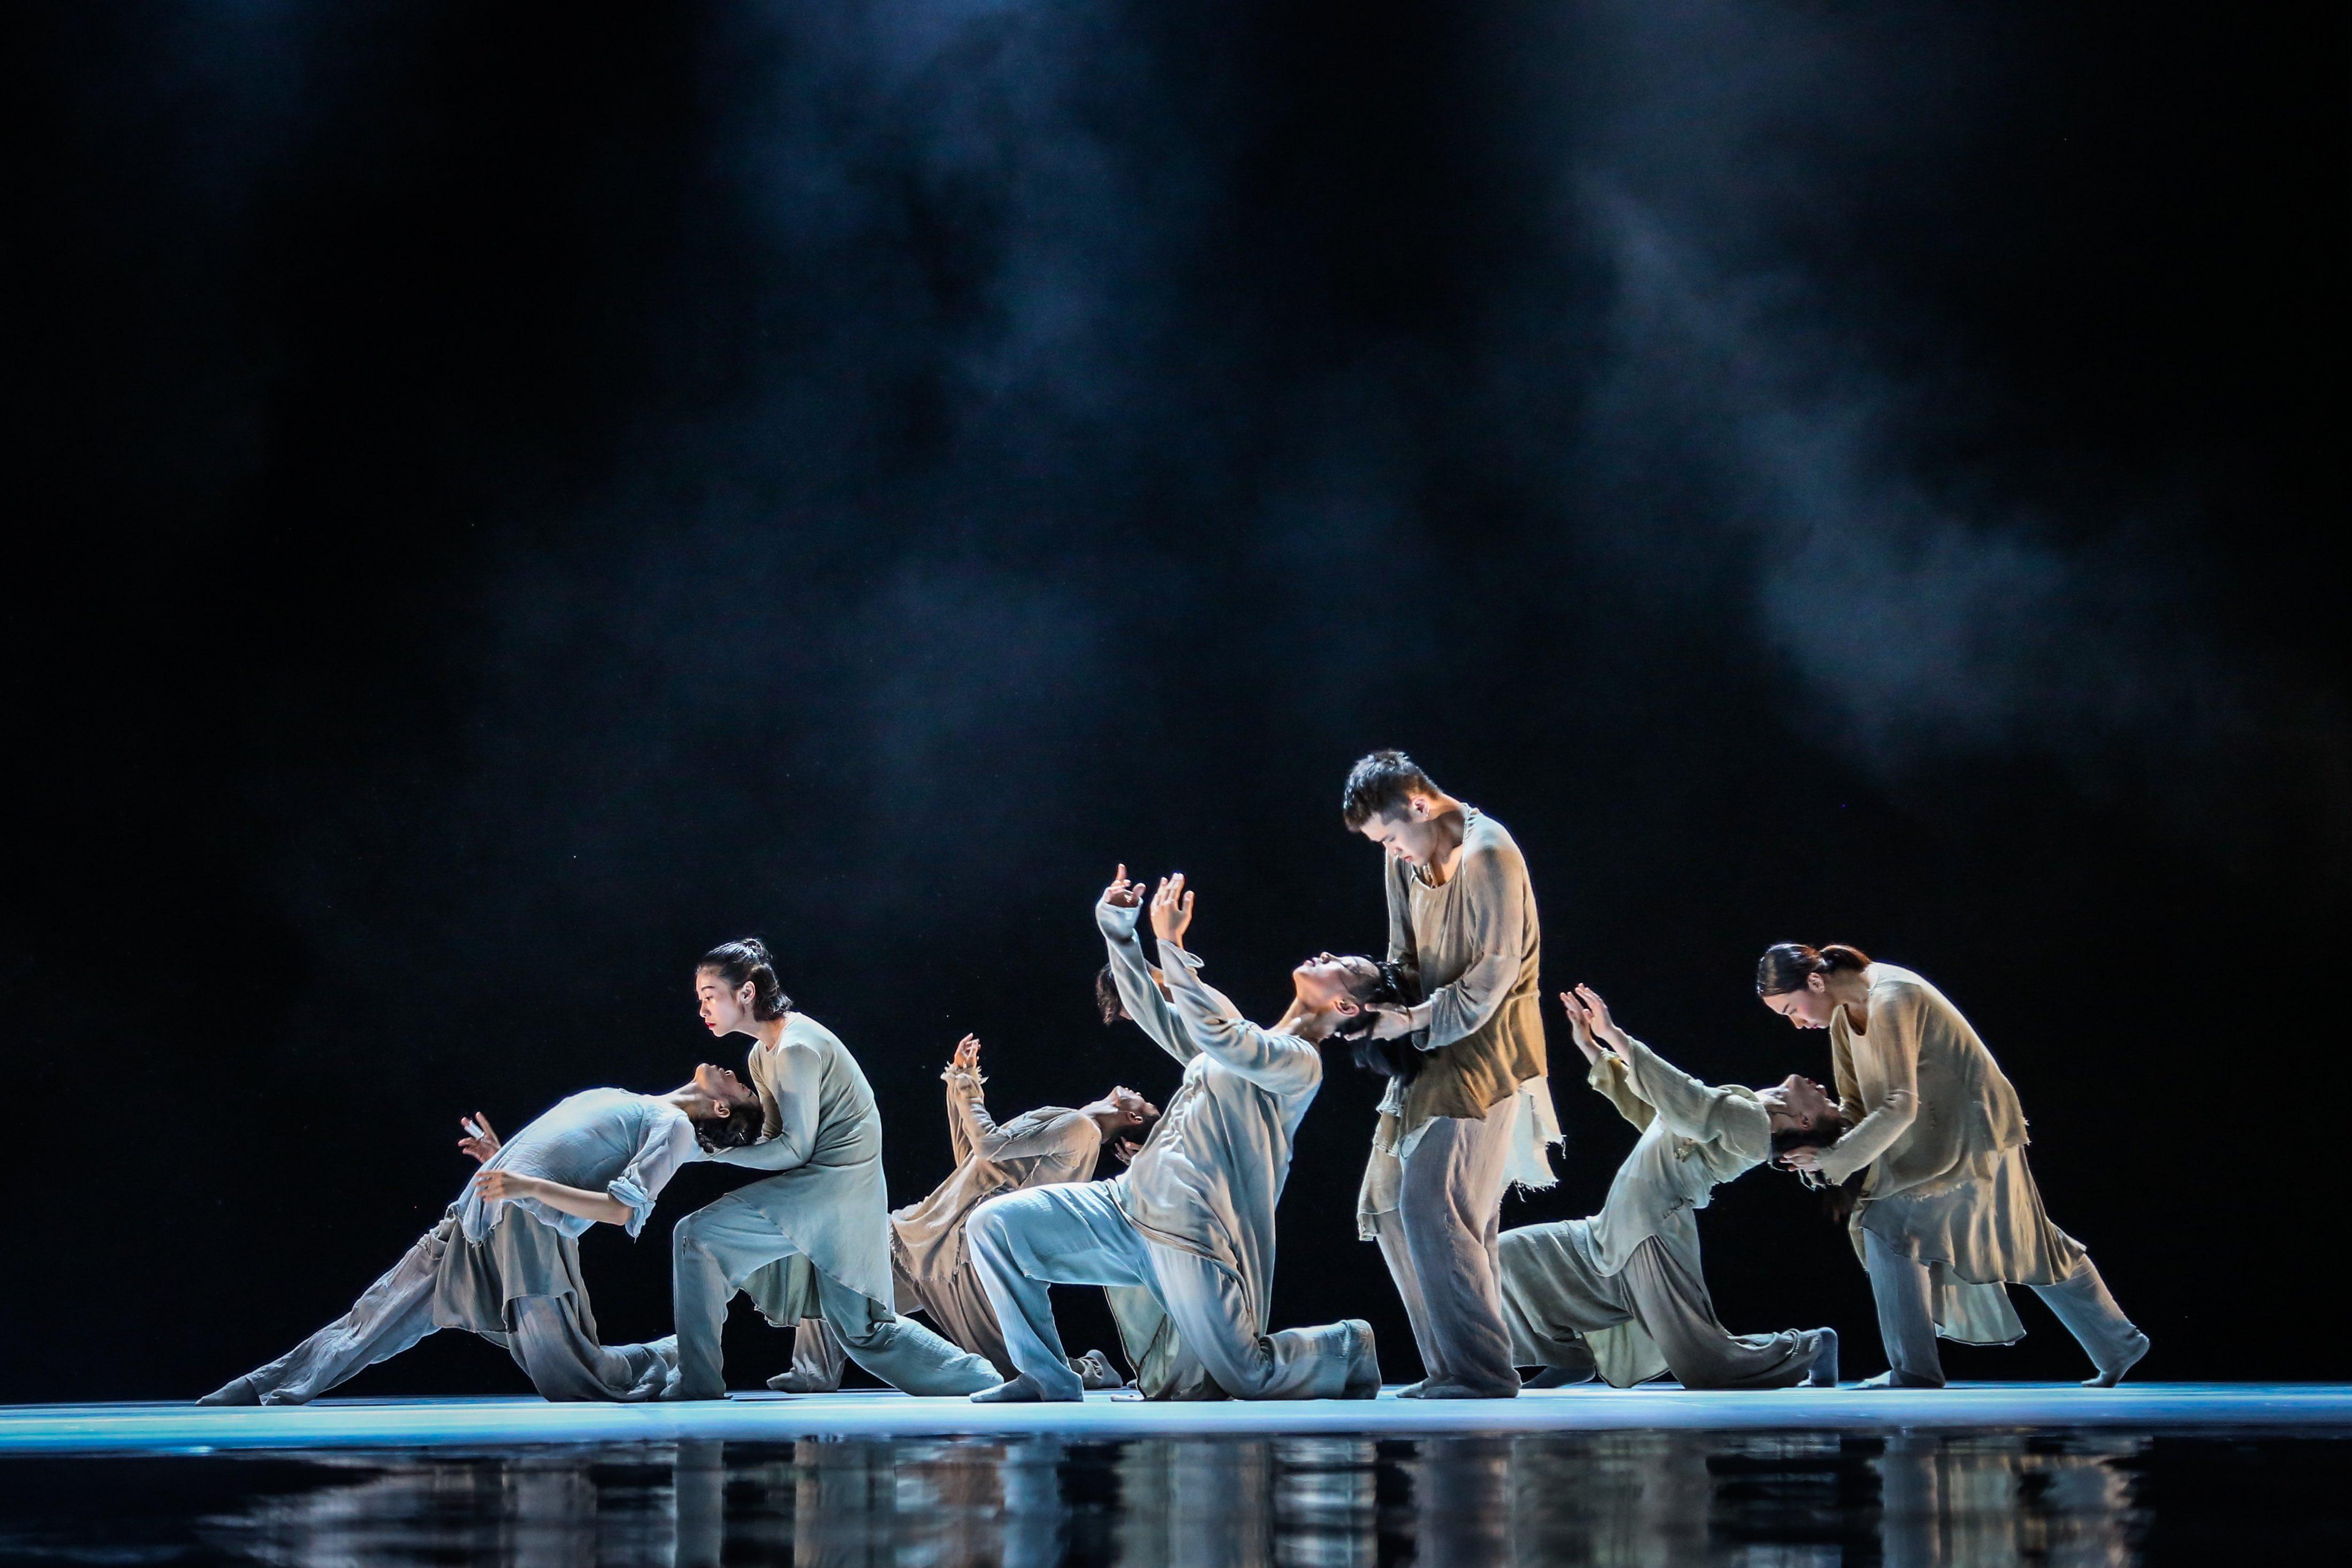 Xie Xin Dance Theatre Macao